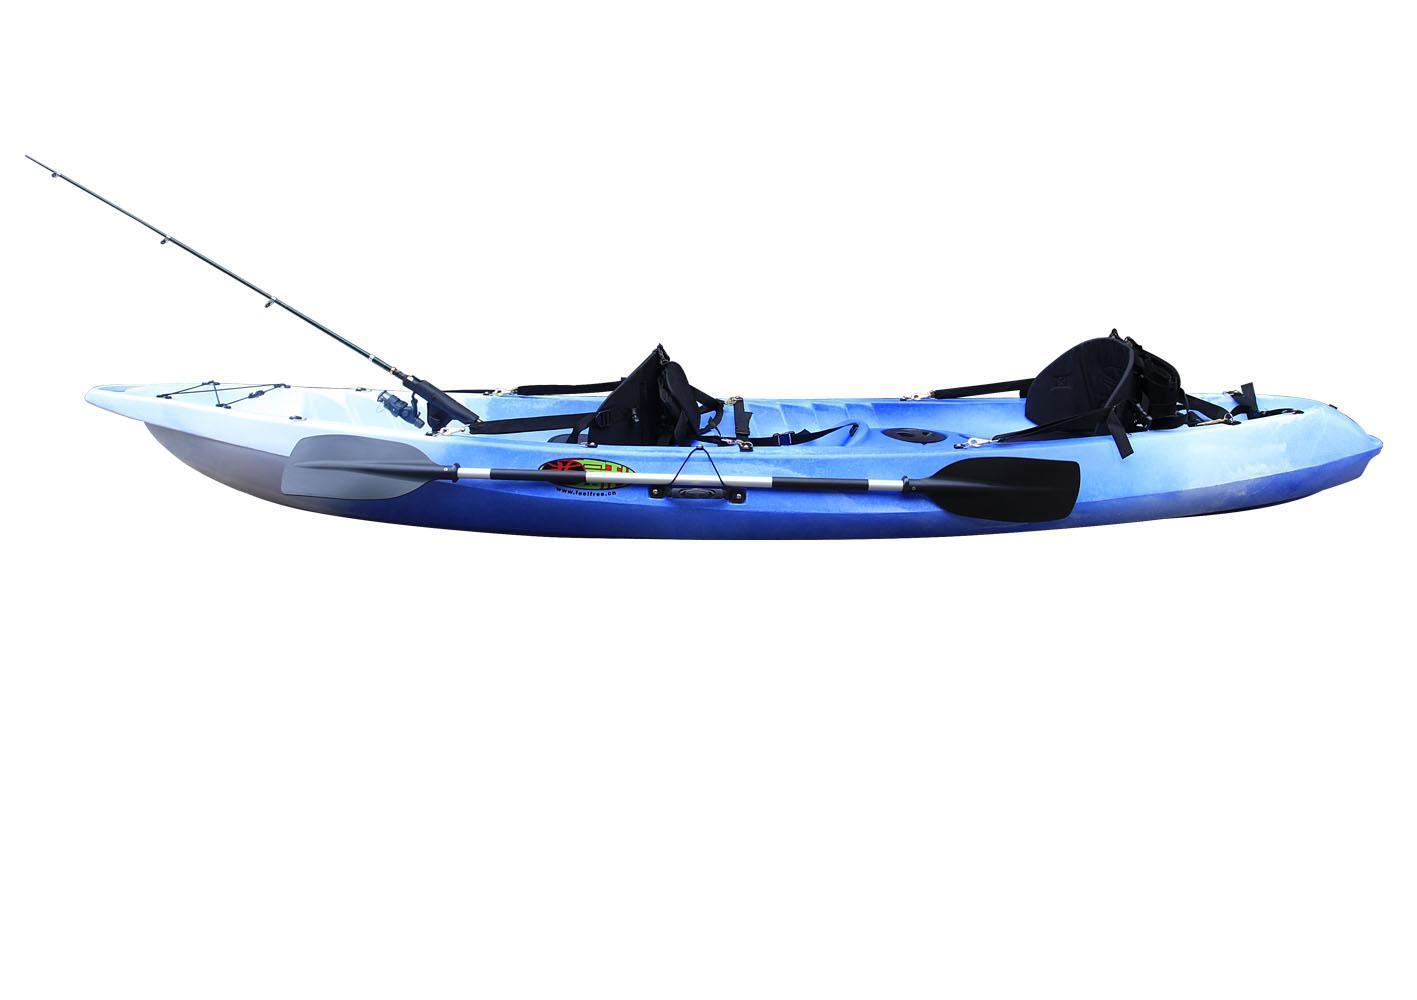 Boating swimming supplies cixi tinplan fireplace for Double fishing kayak